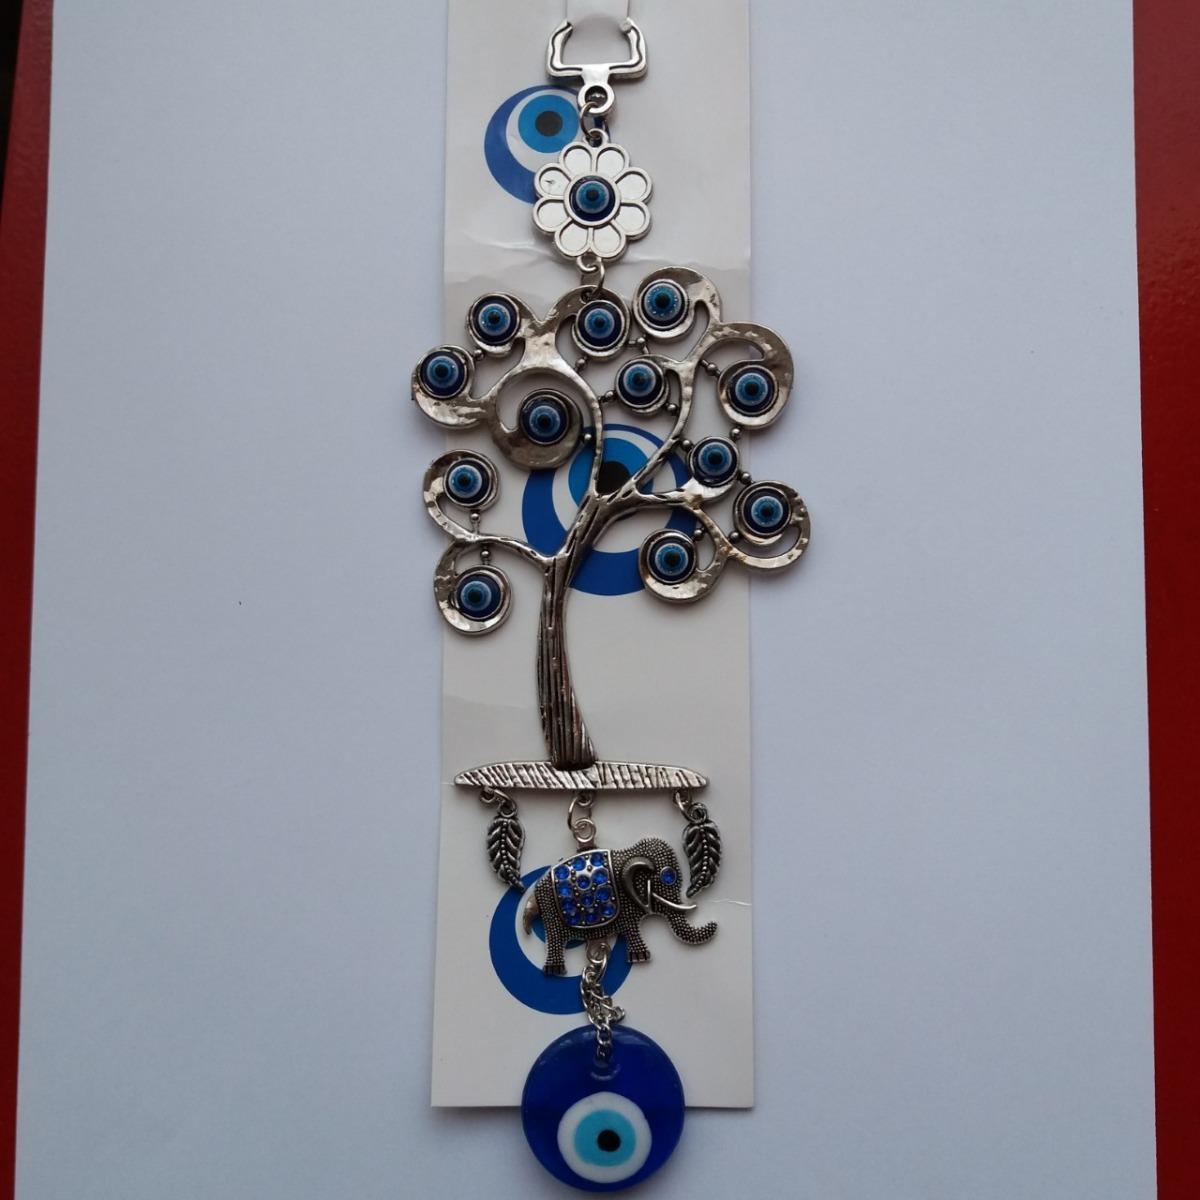 fe78d7c55ecf amuleto colgante protección puerta árbol d la vida ojo turco. Cargando zoom.